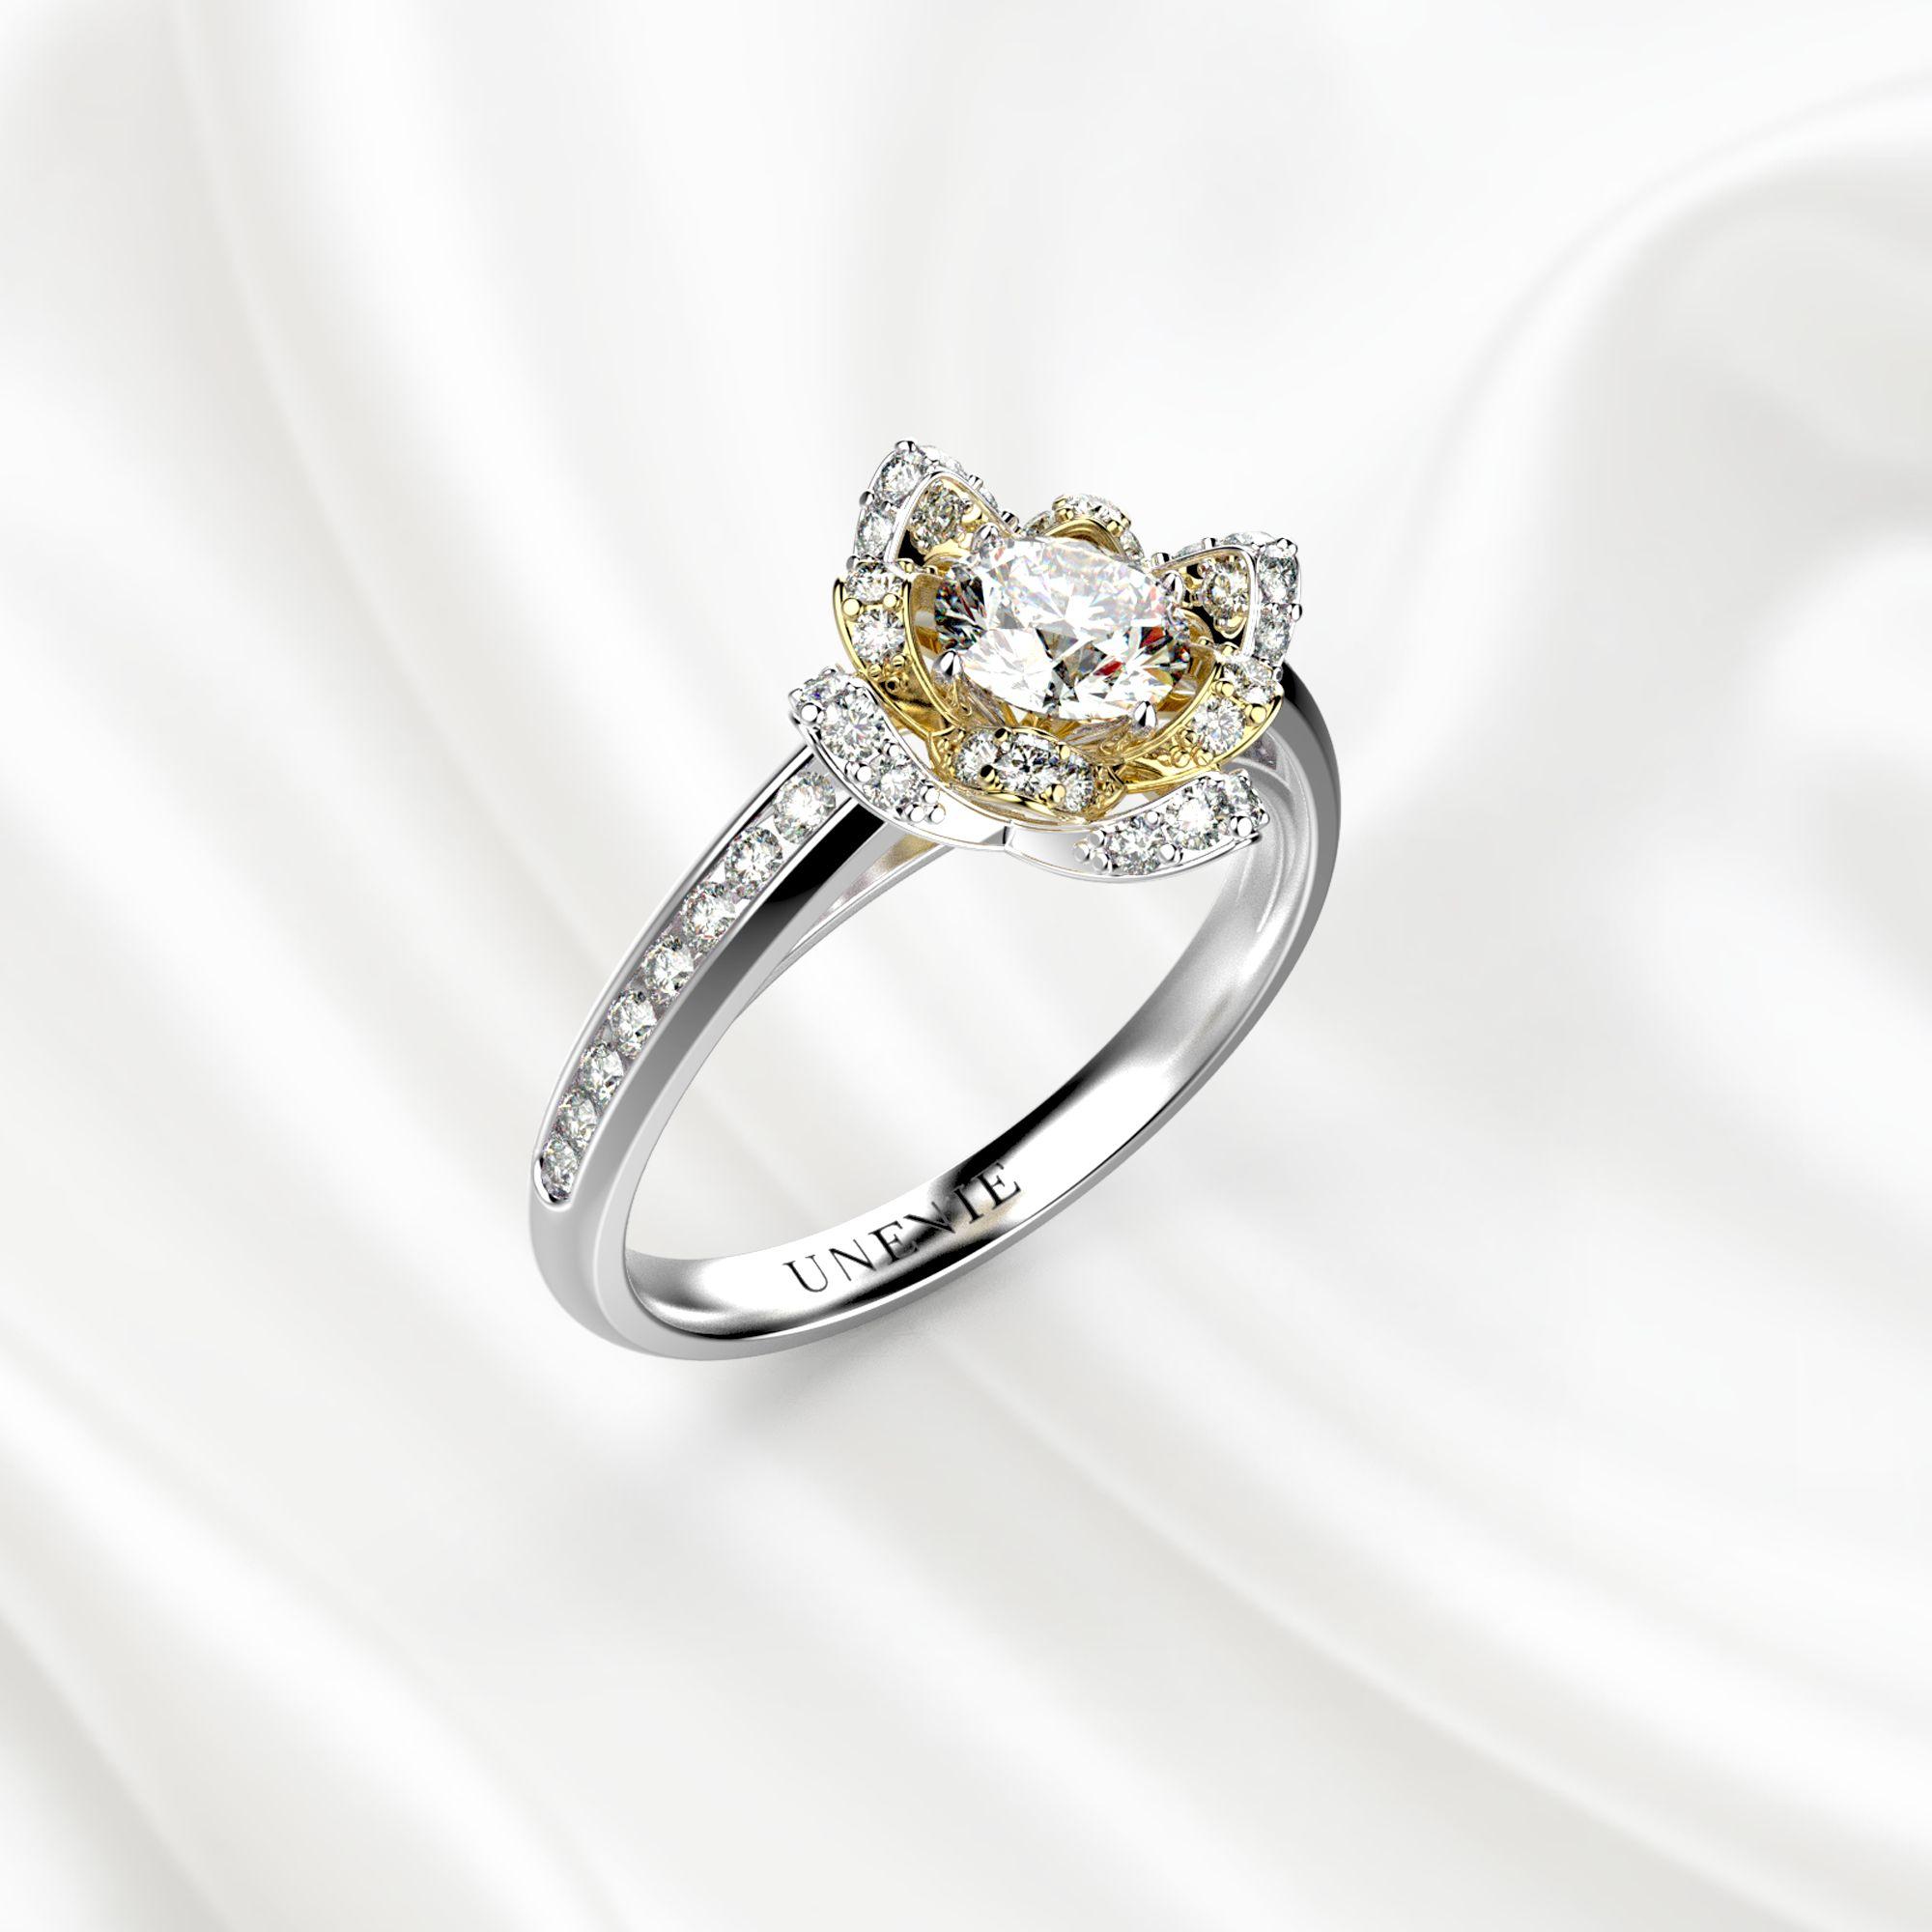 N13 Помолвочное кольцо из бело-желтого золота с бриллиантом 0.35 карат